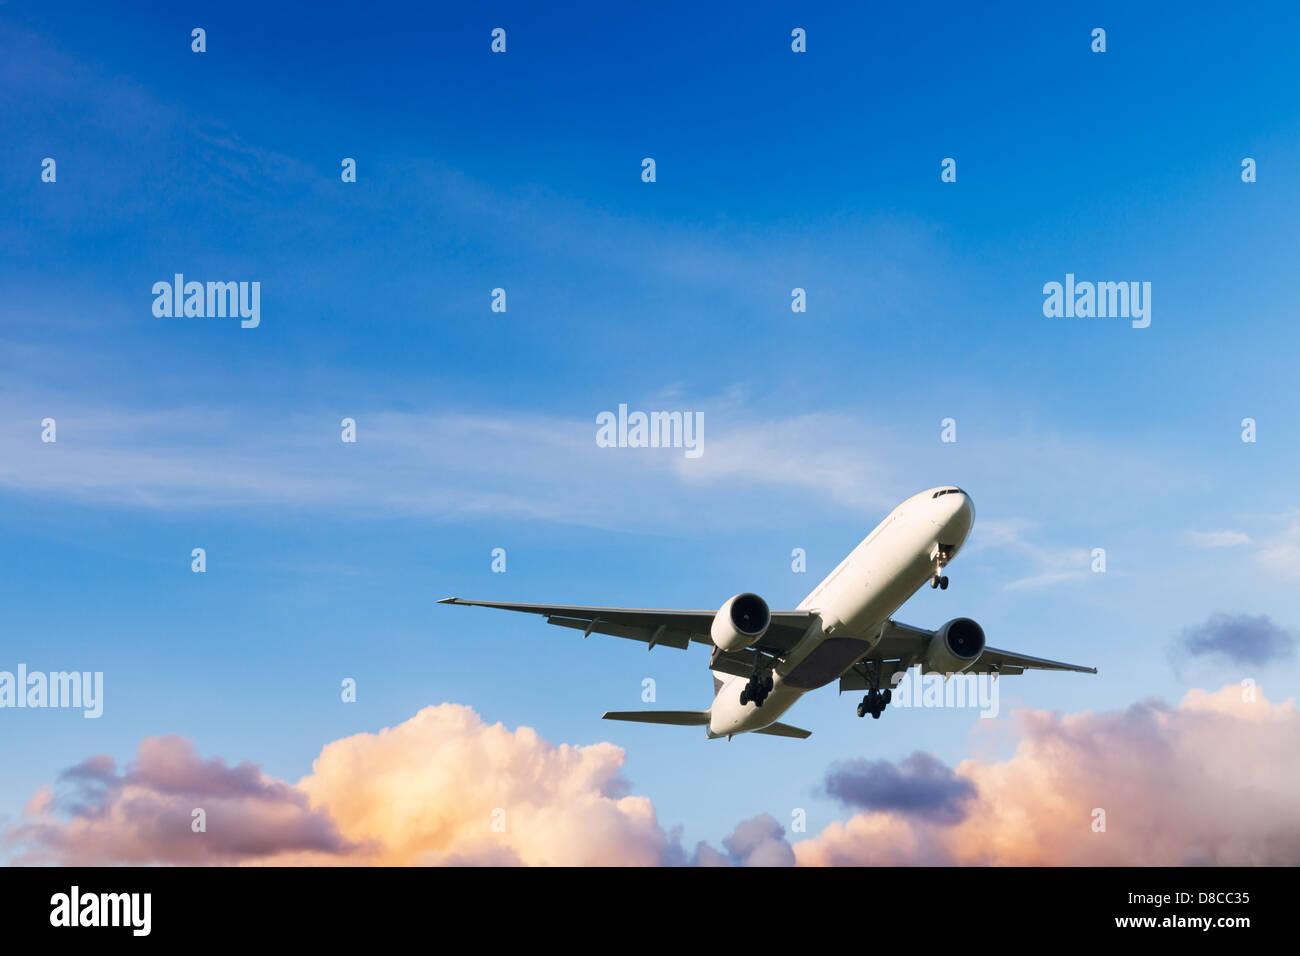 Avion - Boeing 777 en venant à la terre au coucher du soleil. Photo Stock